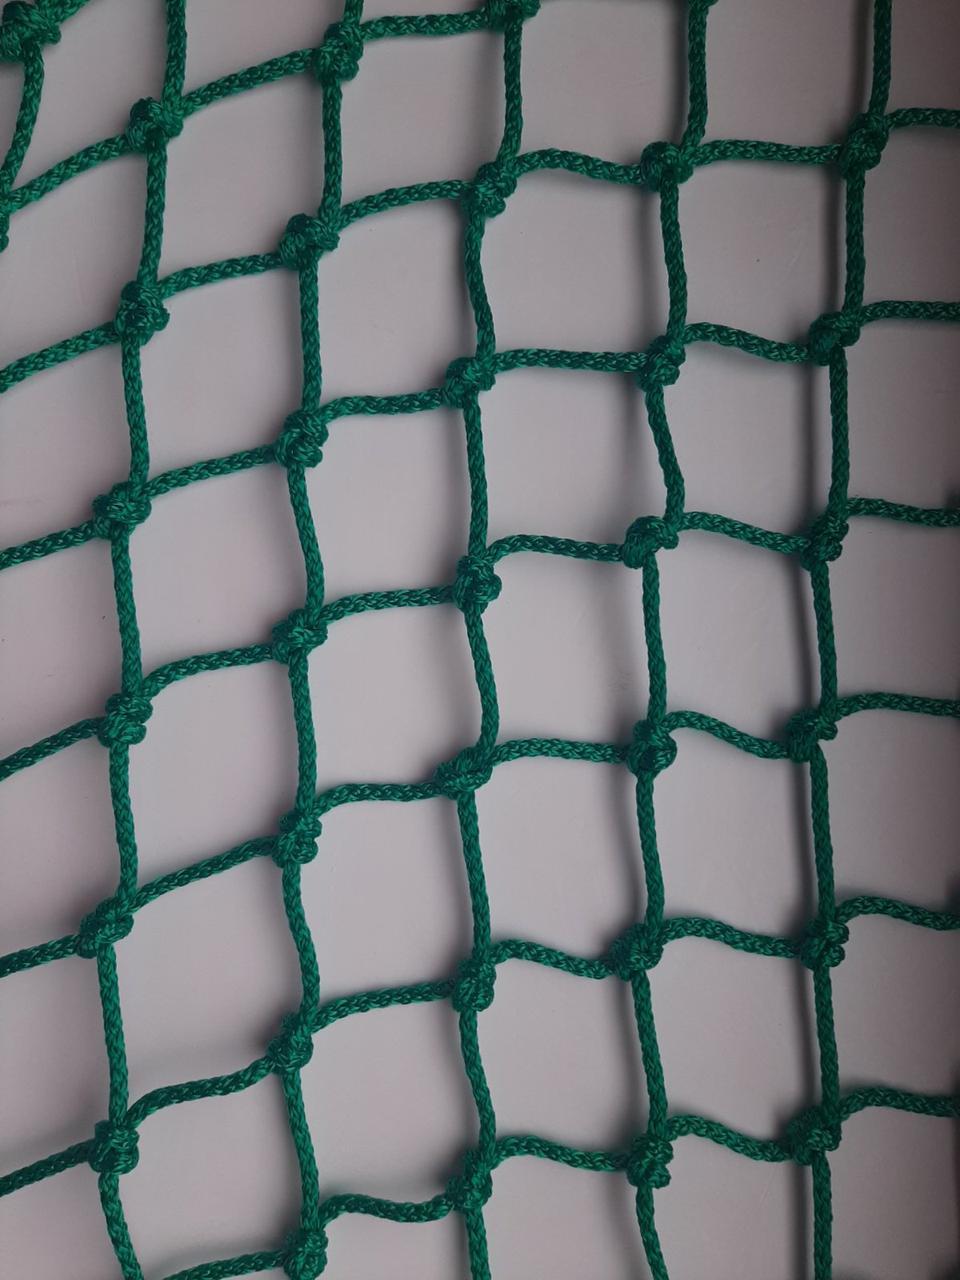 Сетка заградительная д 3,5 ячейка 10 сетка оградительная защитная сетка.